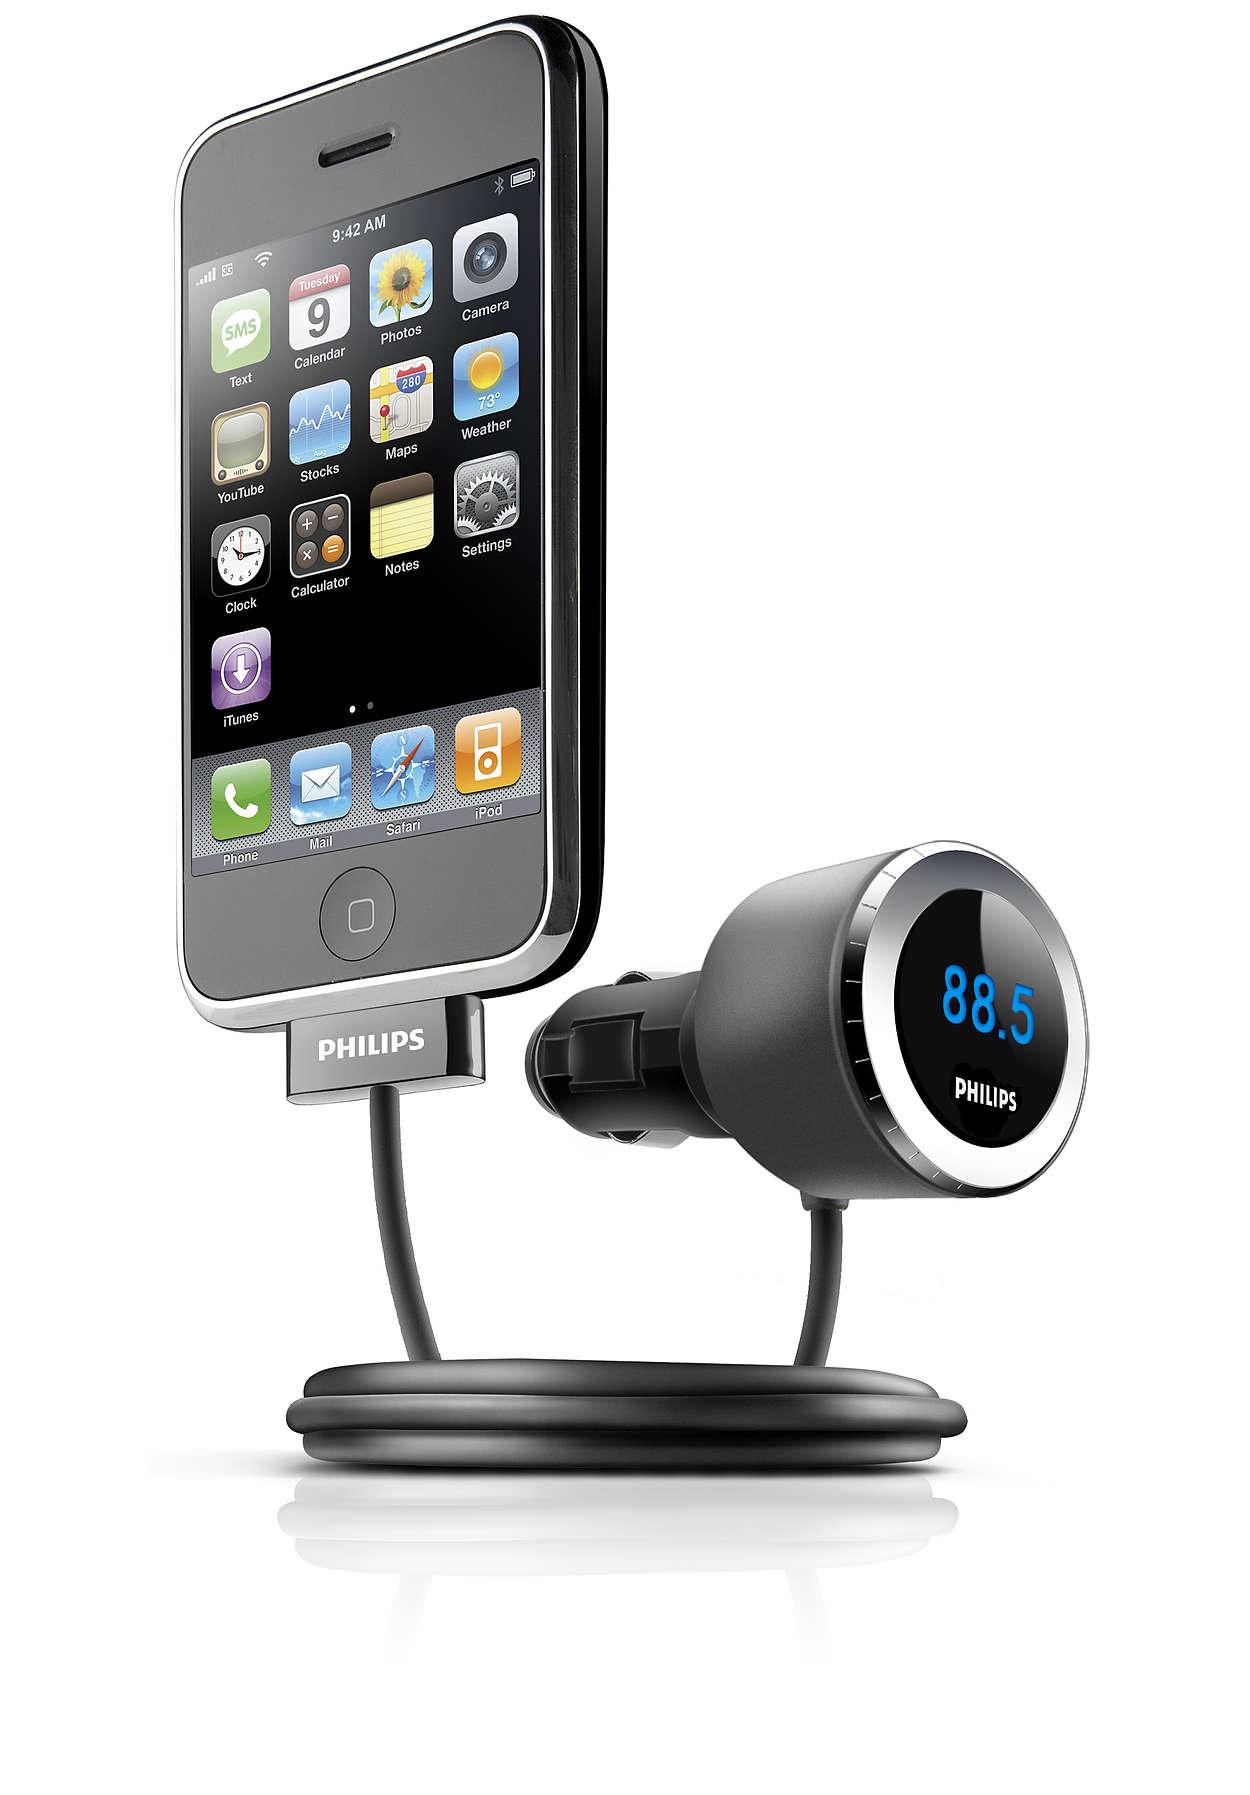 Spill og lad opp iPhone i bilen